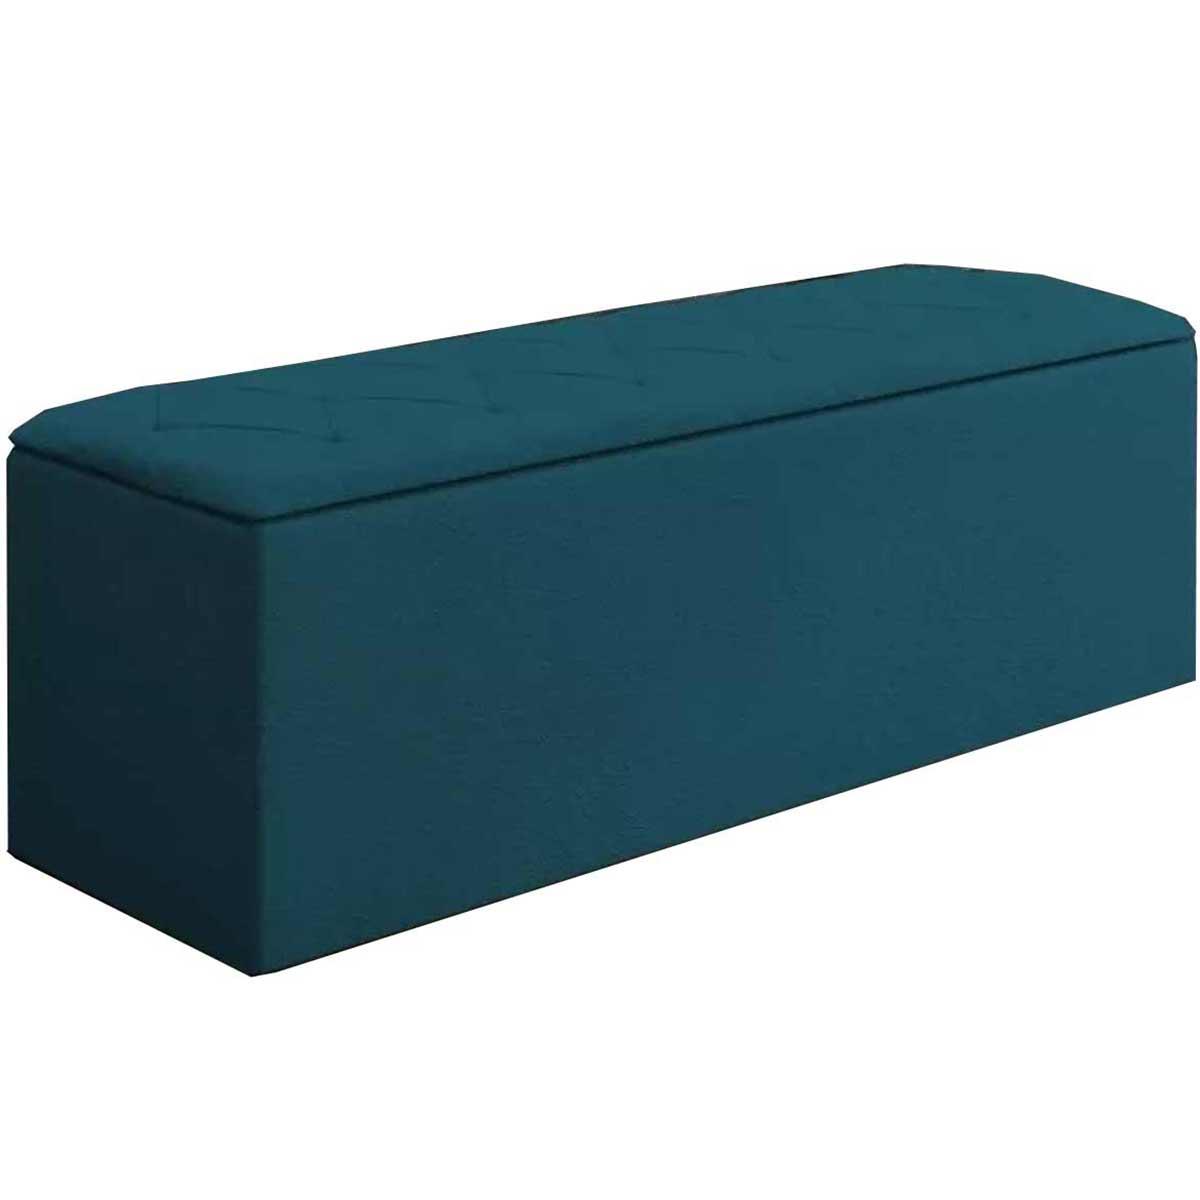 Calçadeira com Baú Paris 160 cm Azul Velur JS Móveis